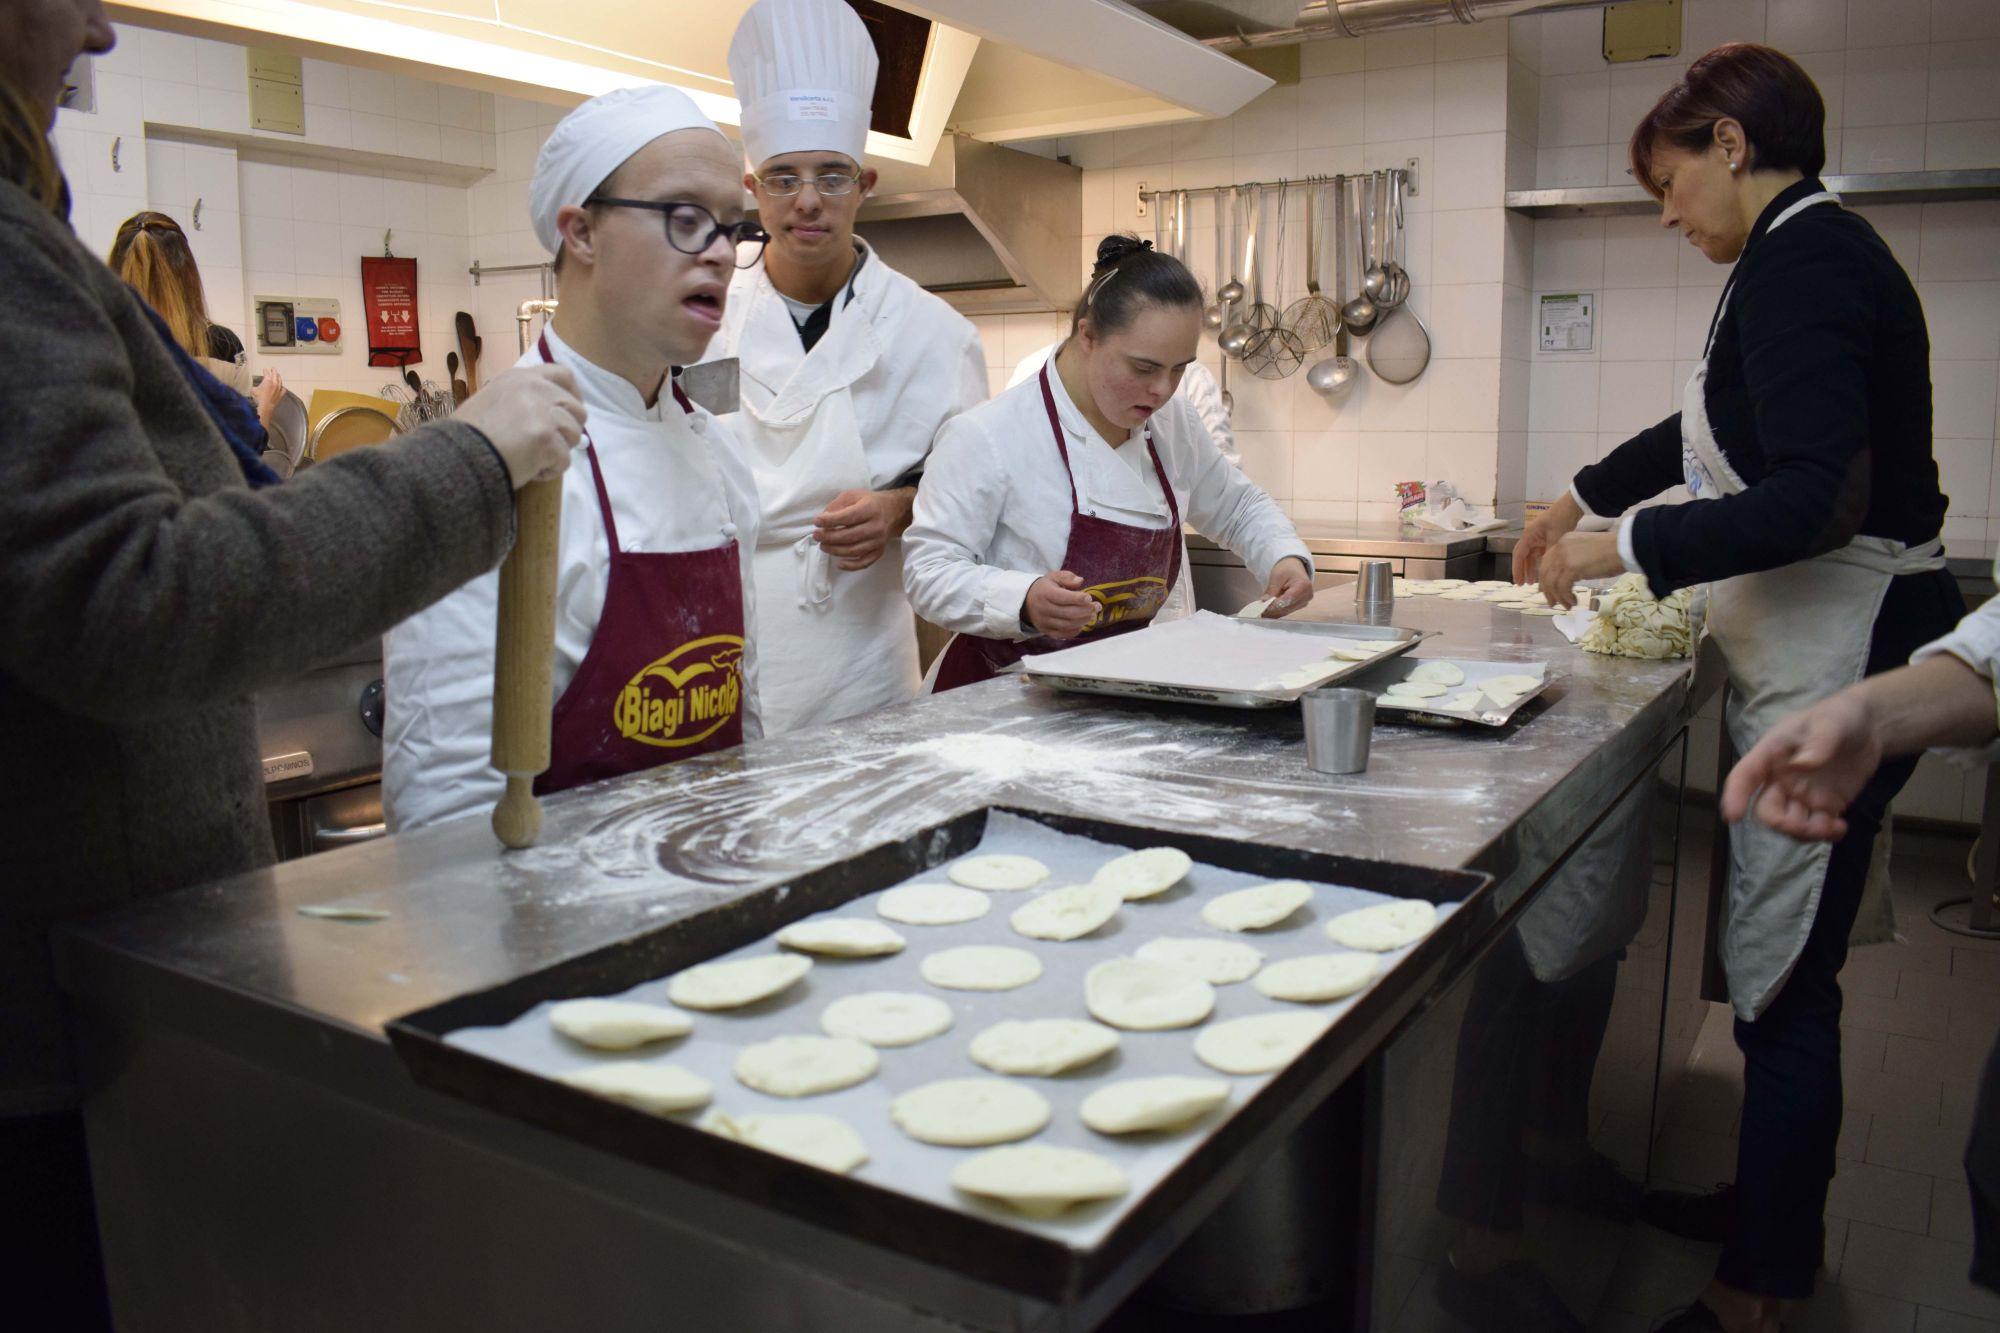 Lezioni di cucina per ragazzi down comune camaiore cronaca camaiore la voce degli enti - Corsi di cucina catania ...